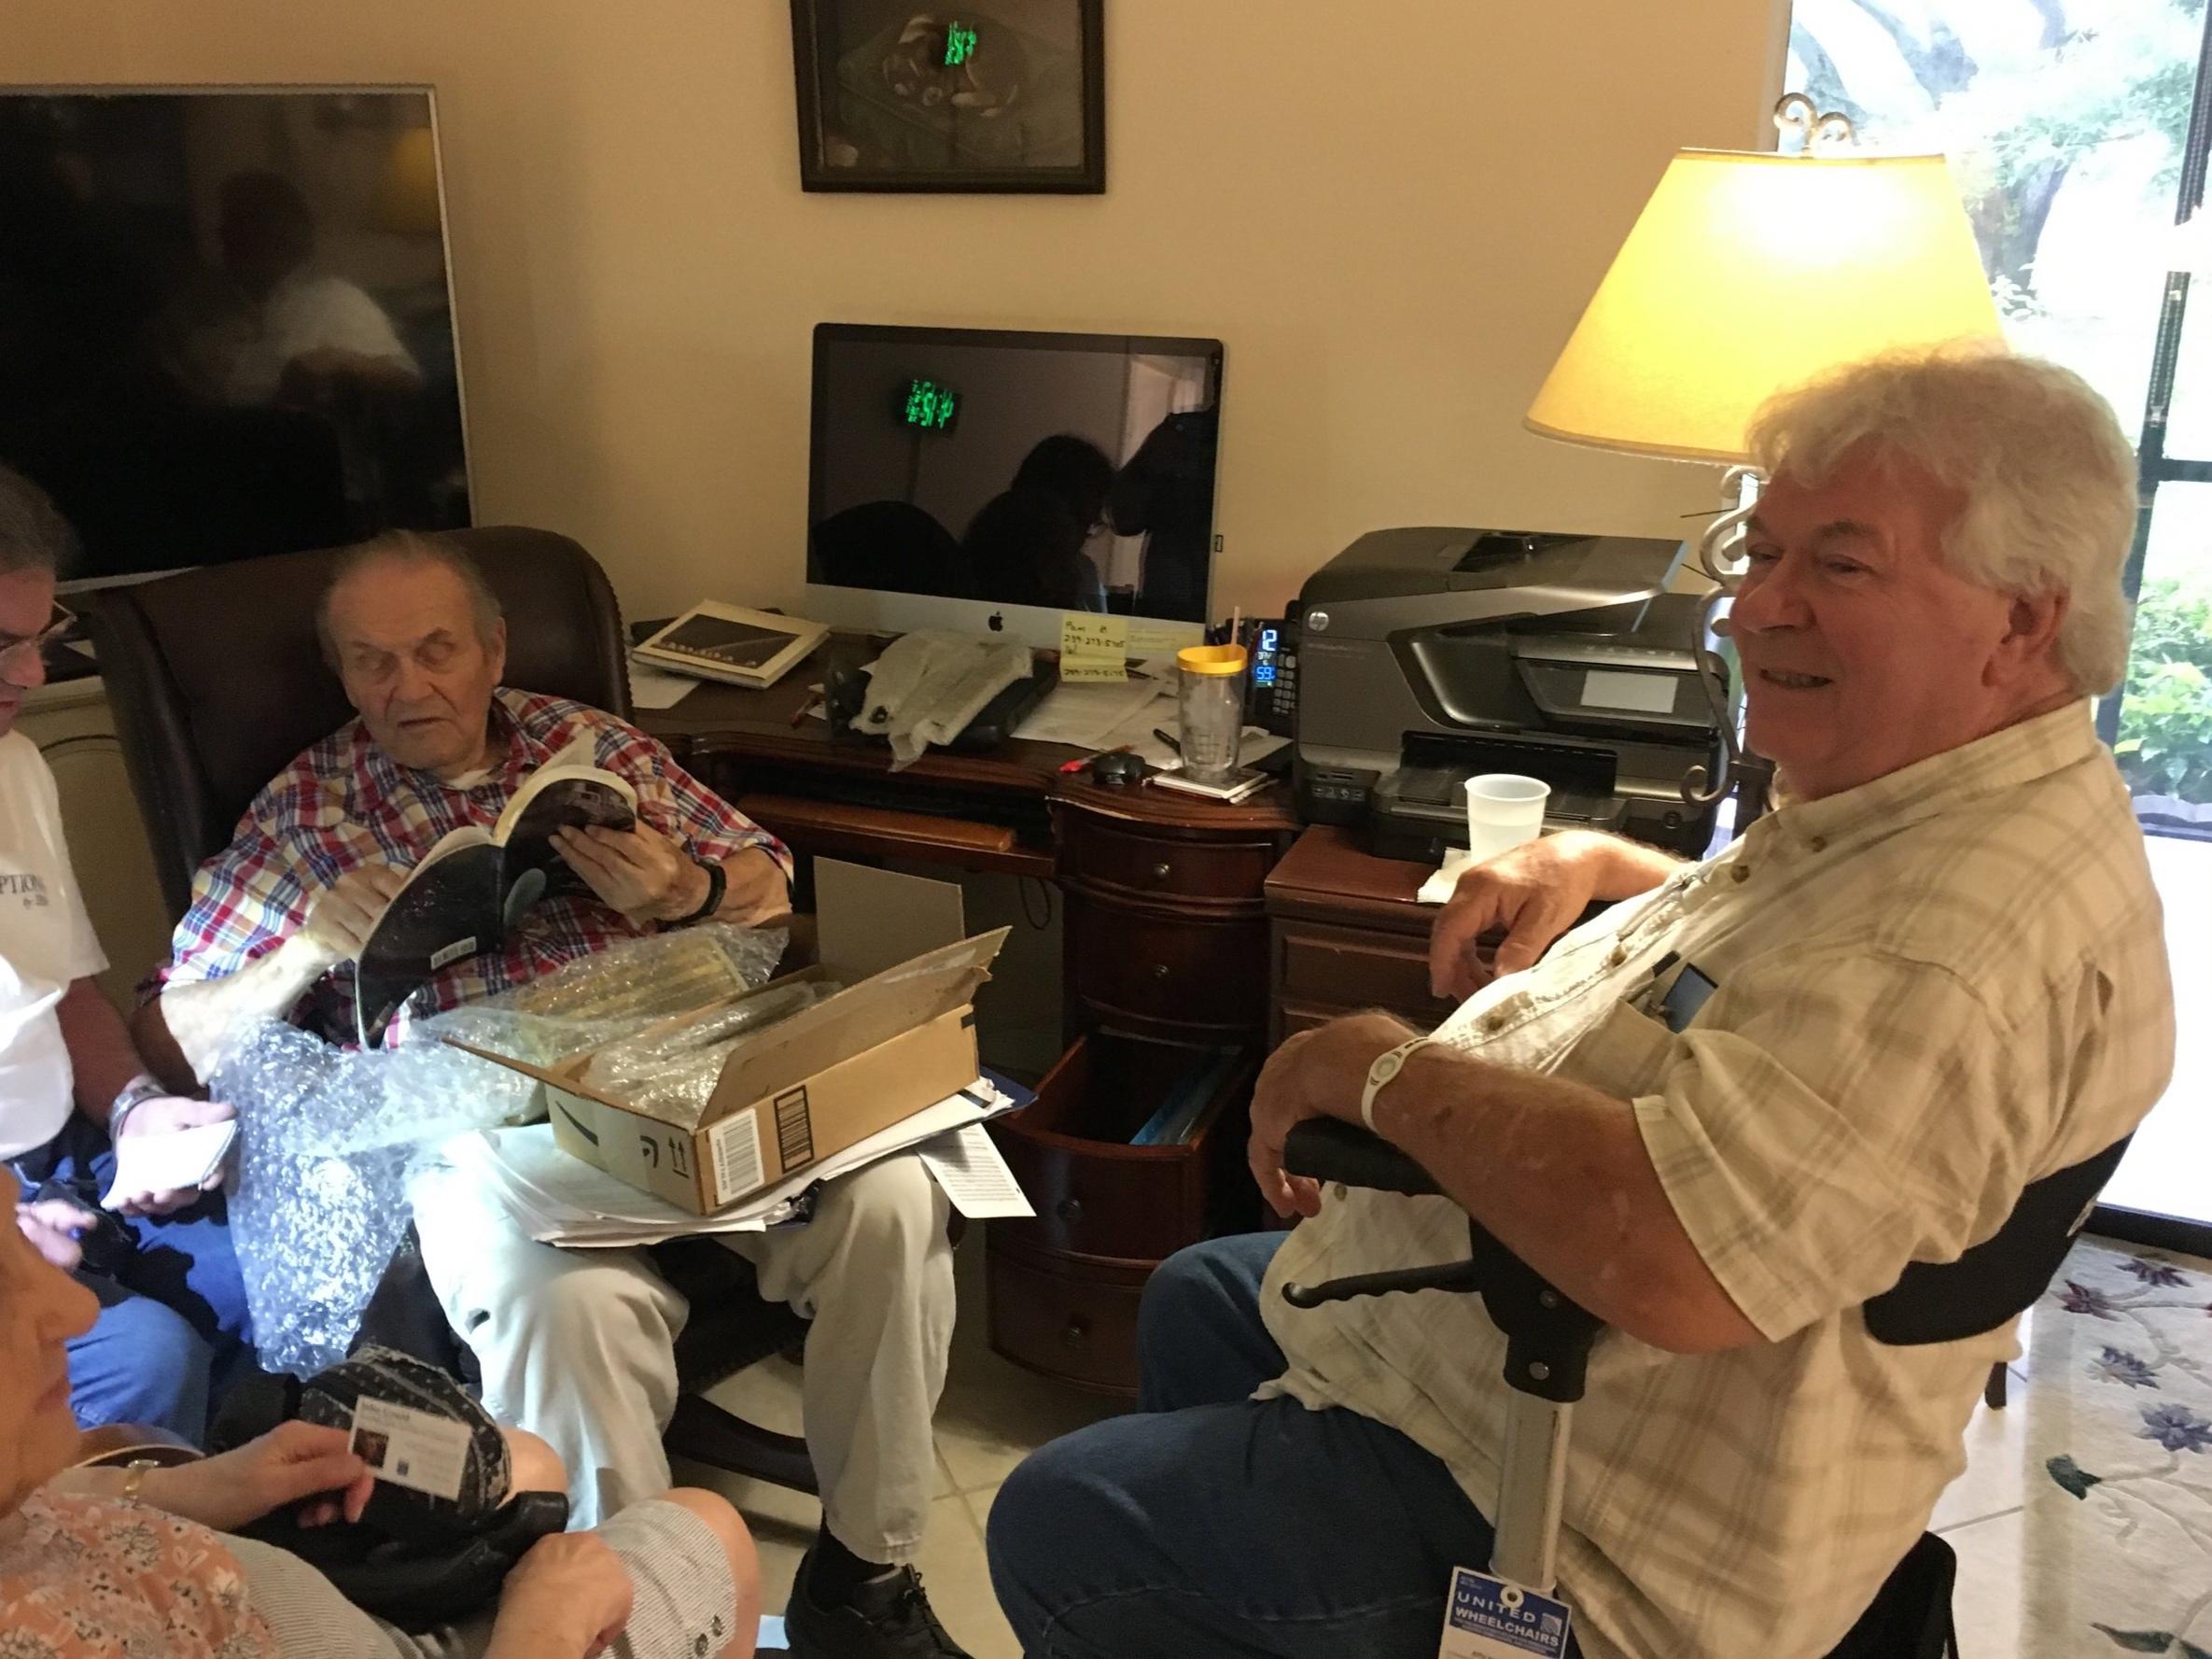 Eldon Hall (left) and Jimmie Loocke (right).